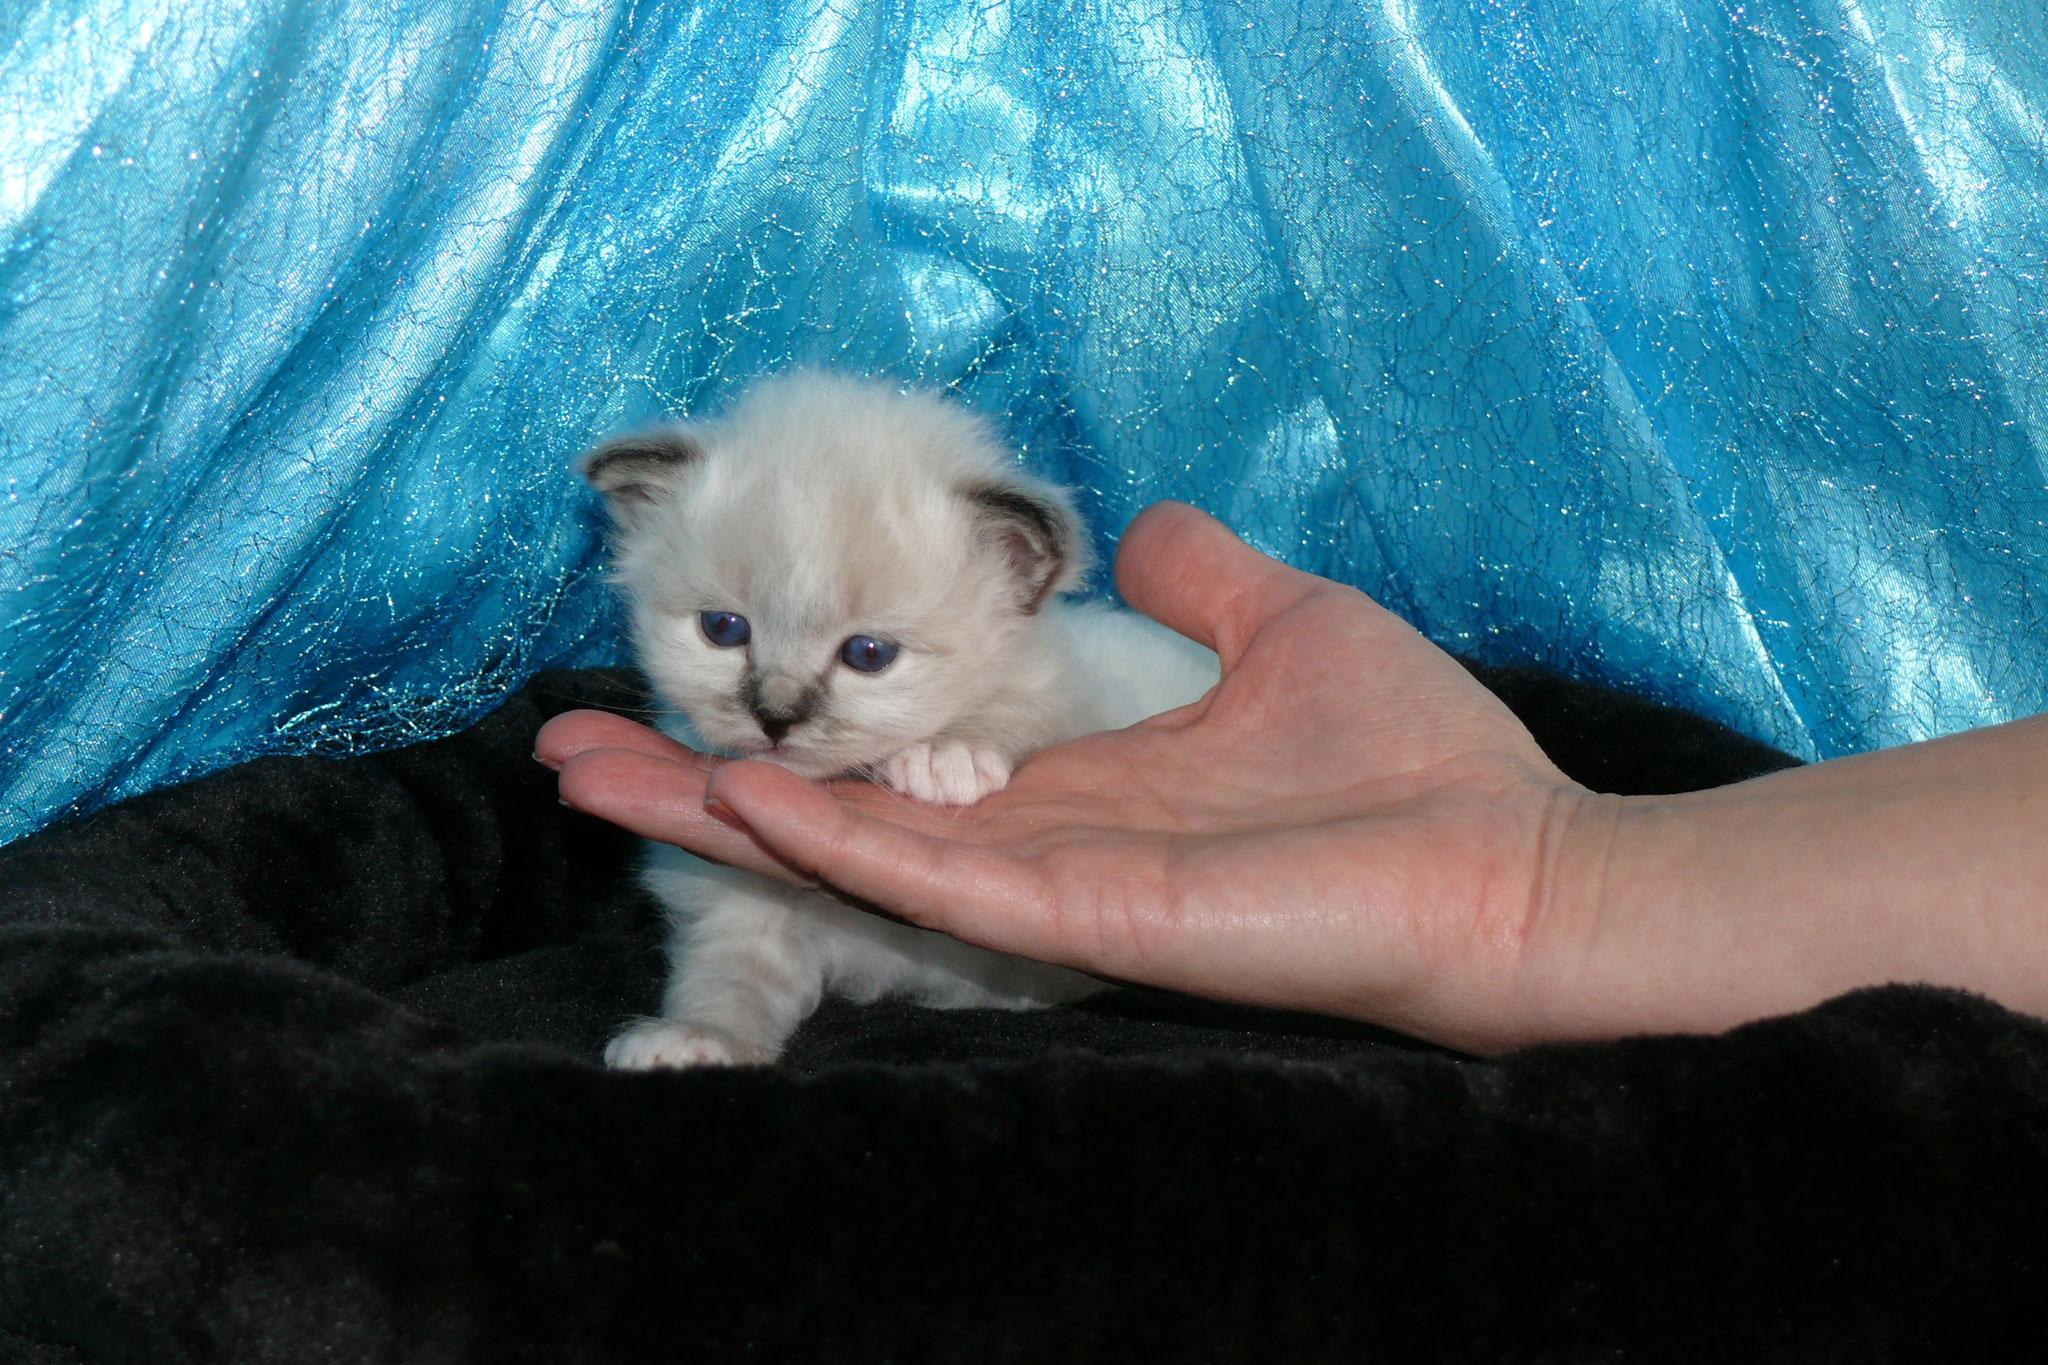 Abbey Rose von der Mondblume, 3 Wochen alt